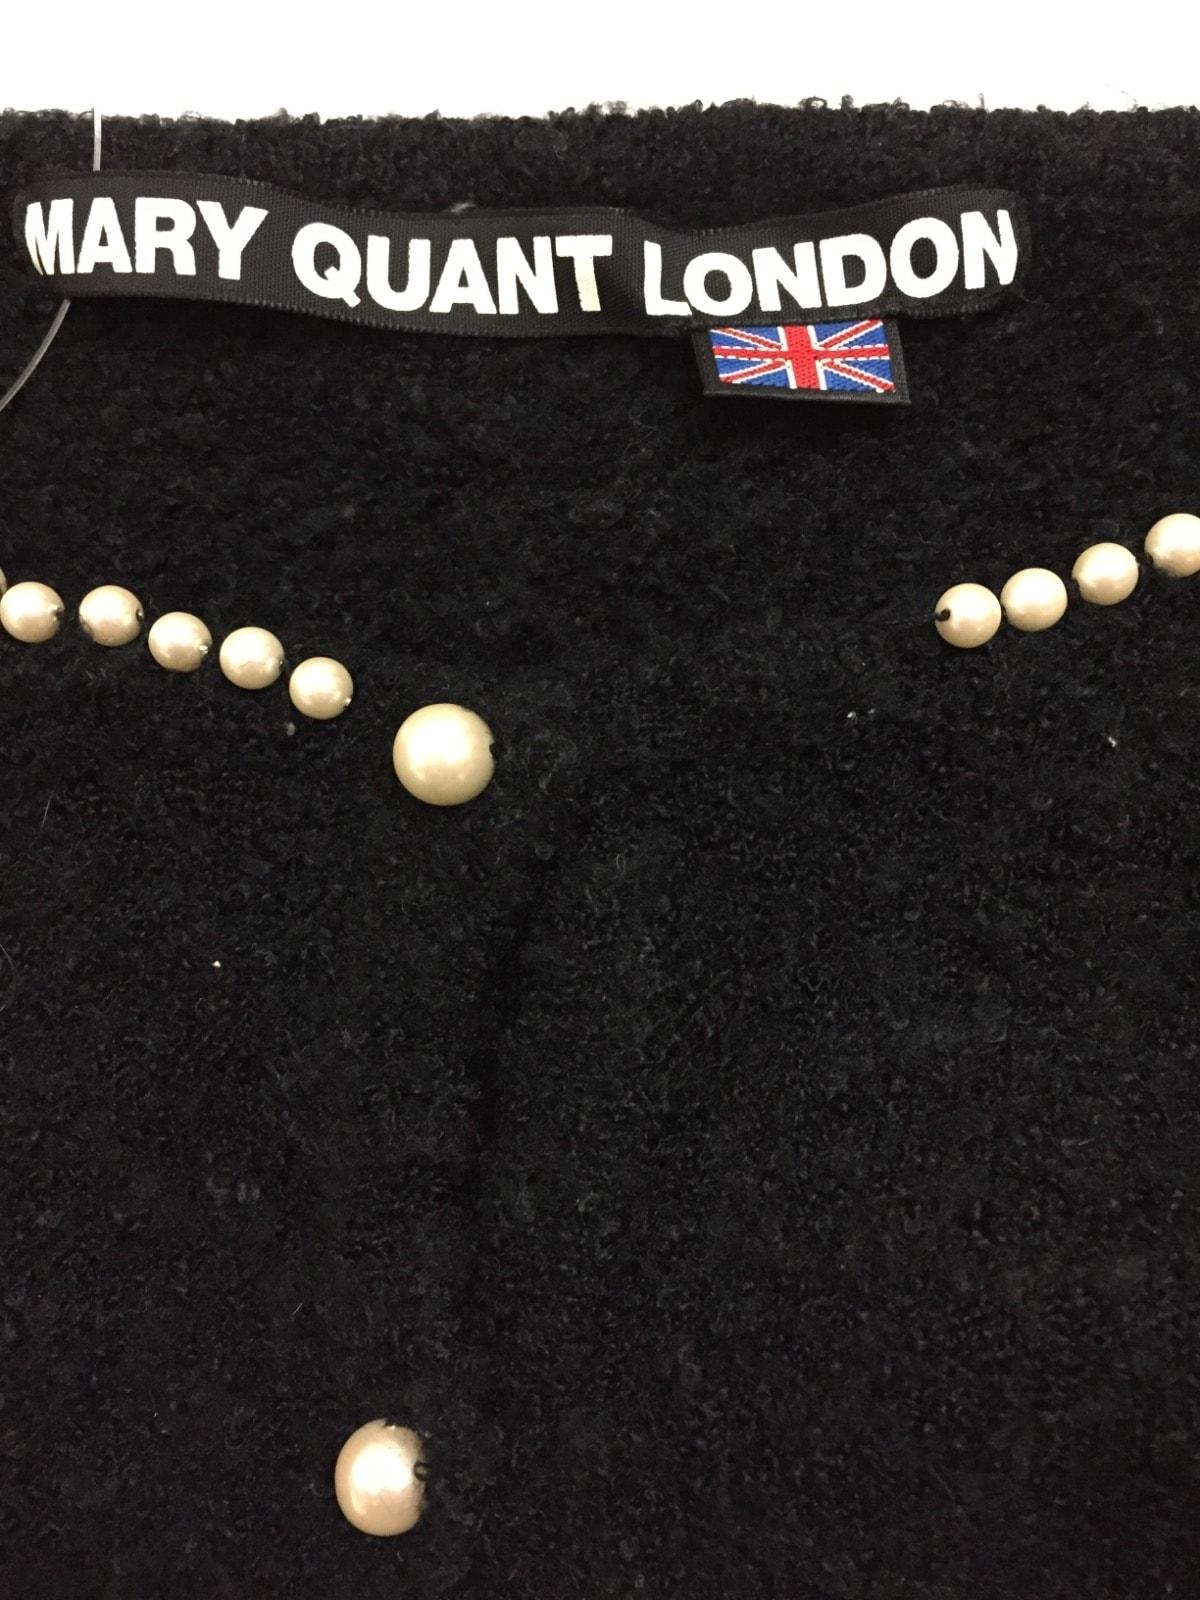 MARY QUANT(マリークワント)のカーディガン